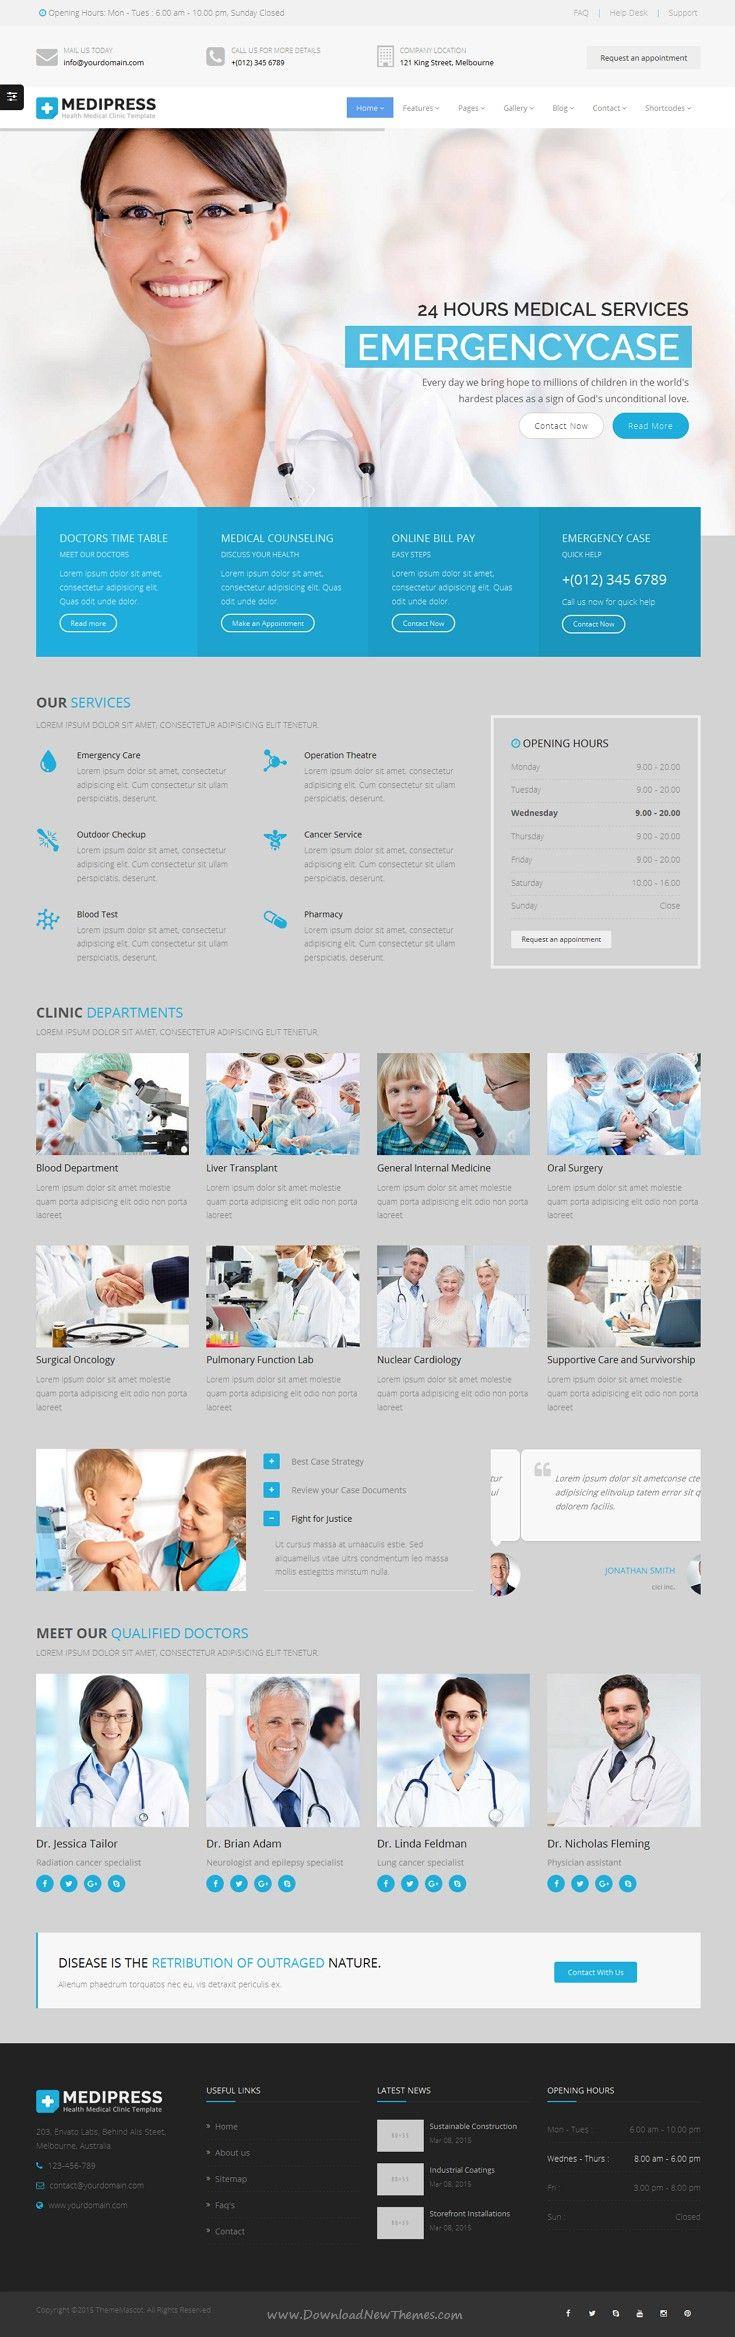 Health & Medical HTML - MediPress | Medical, Template and Website